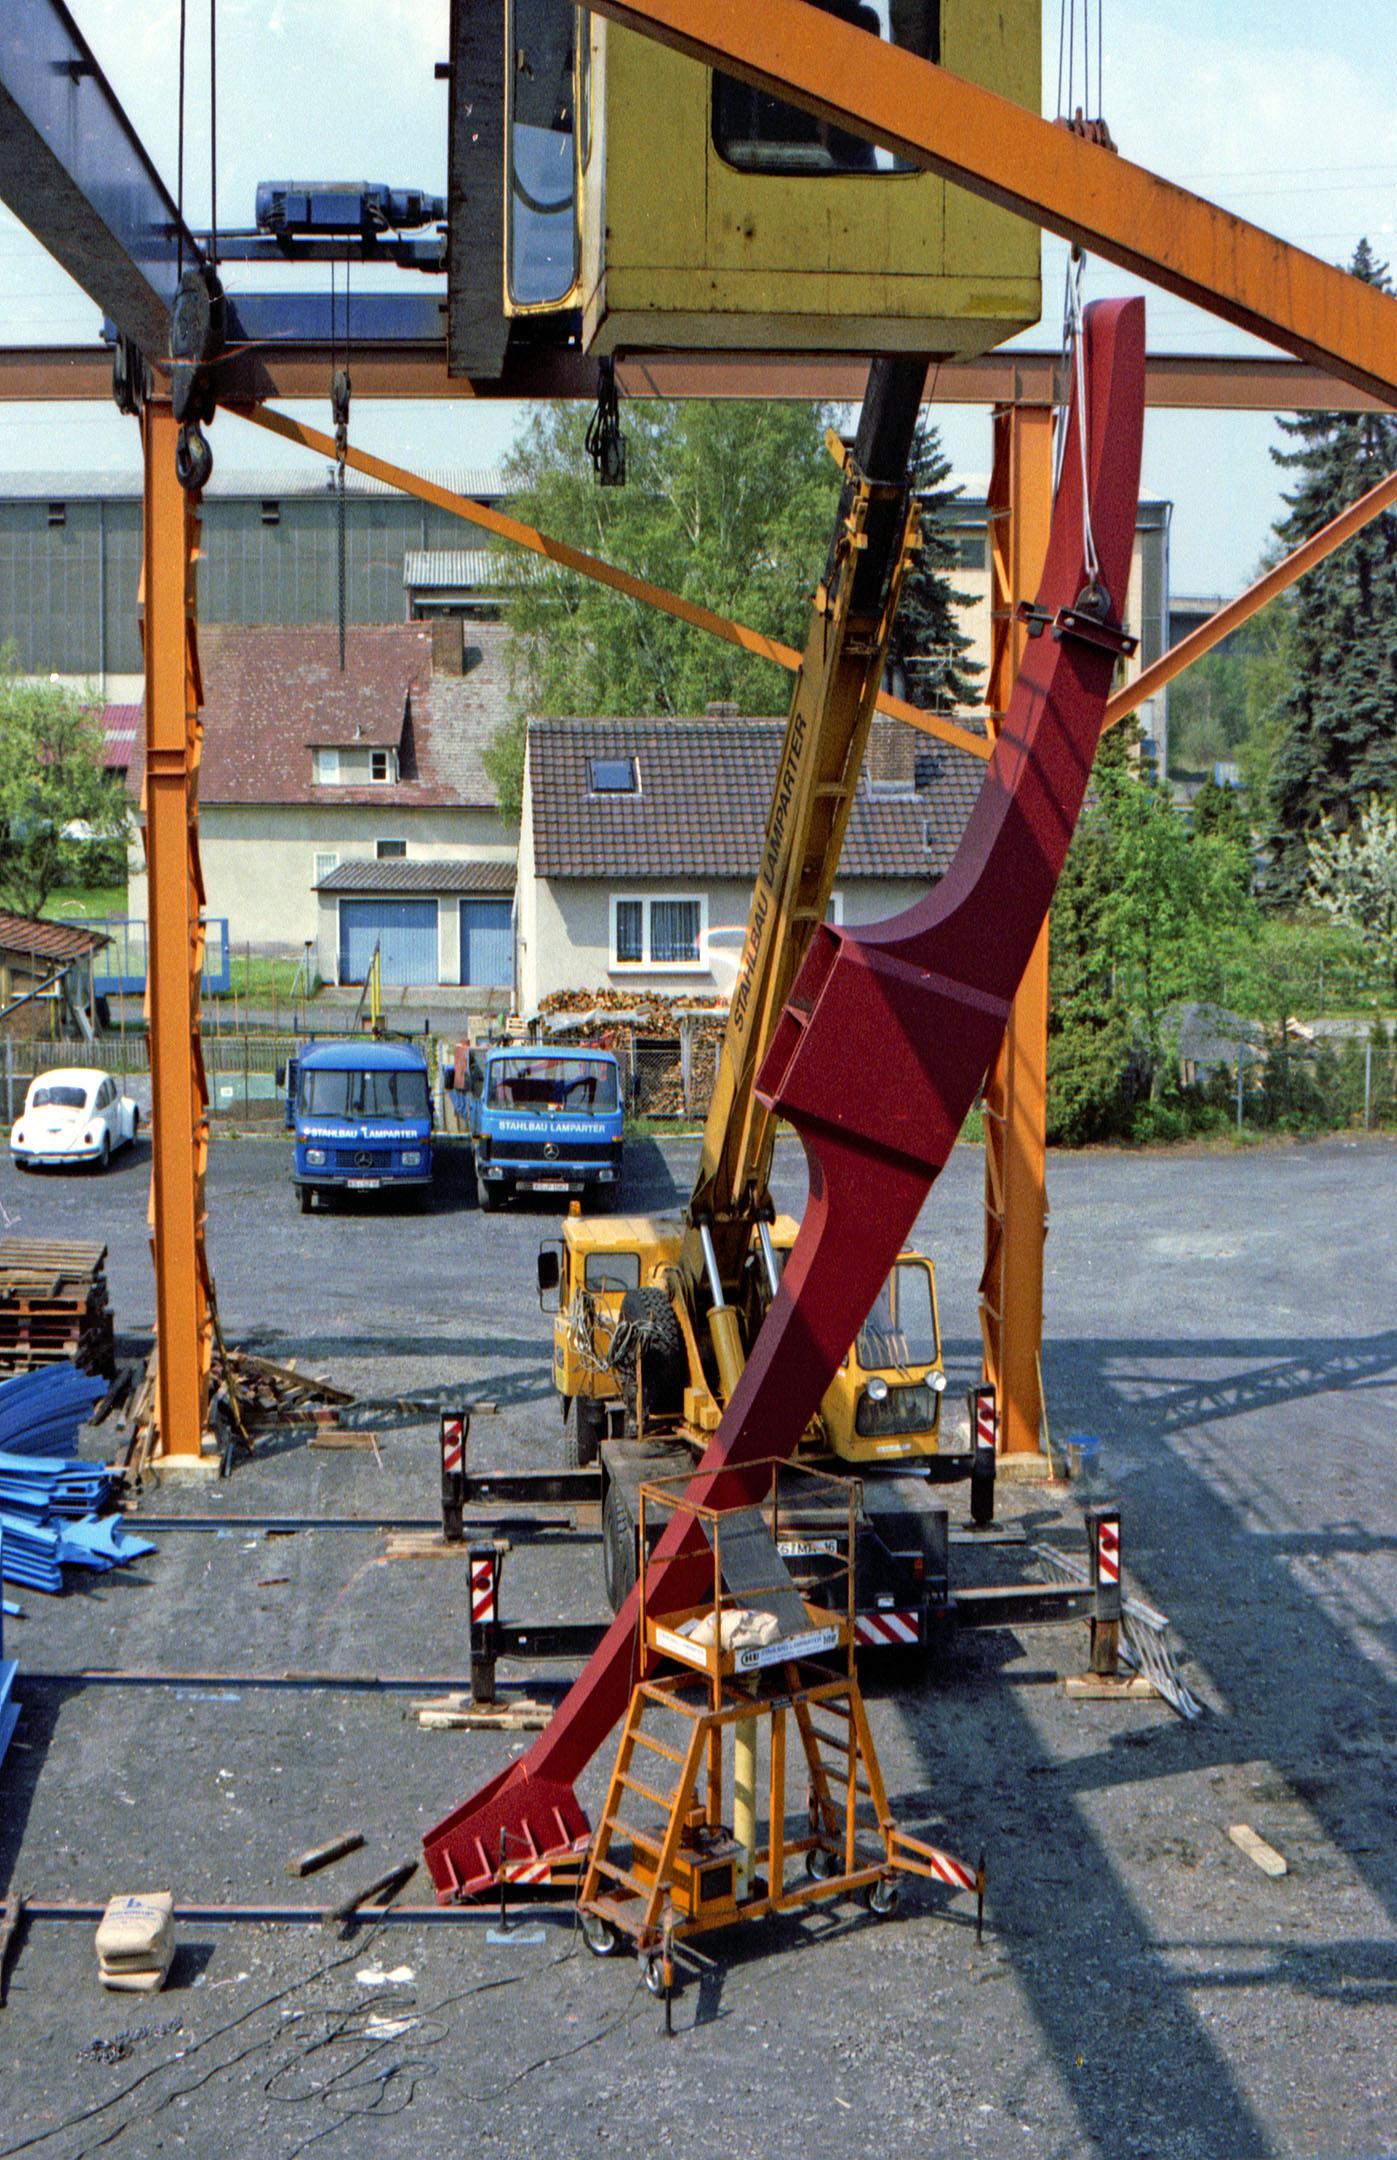 Testmontage der Spitzhacke von Claes Oldenburg zur documenta auf dem Gelände von Stahlbau Lamparter